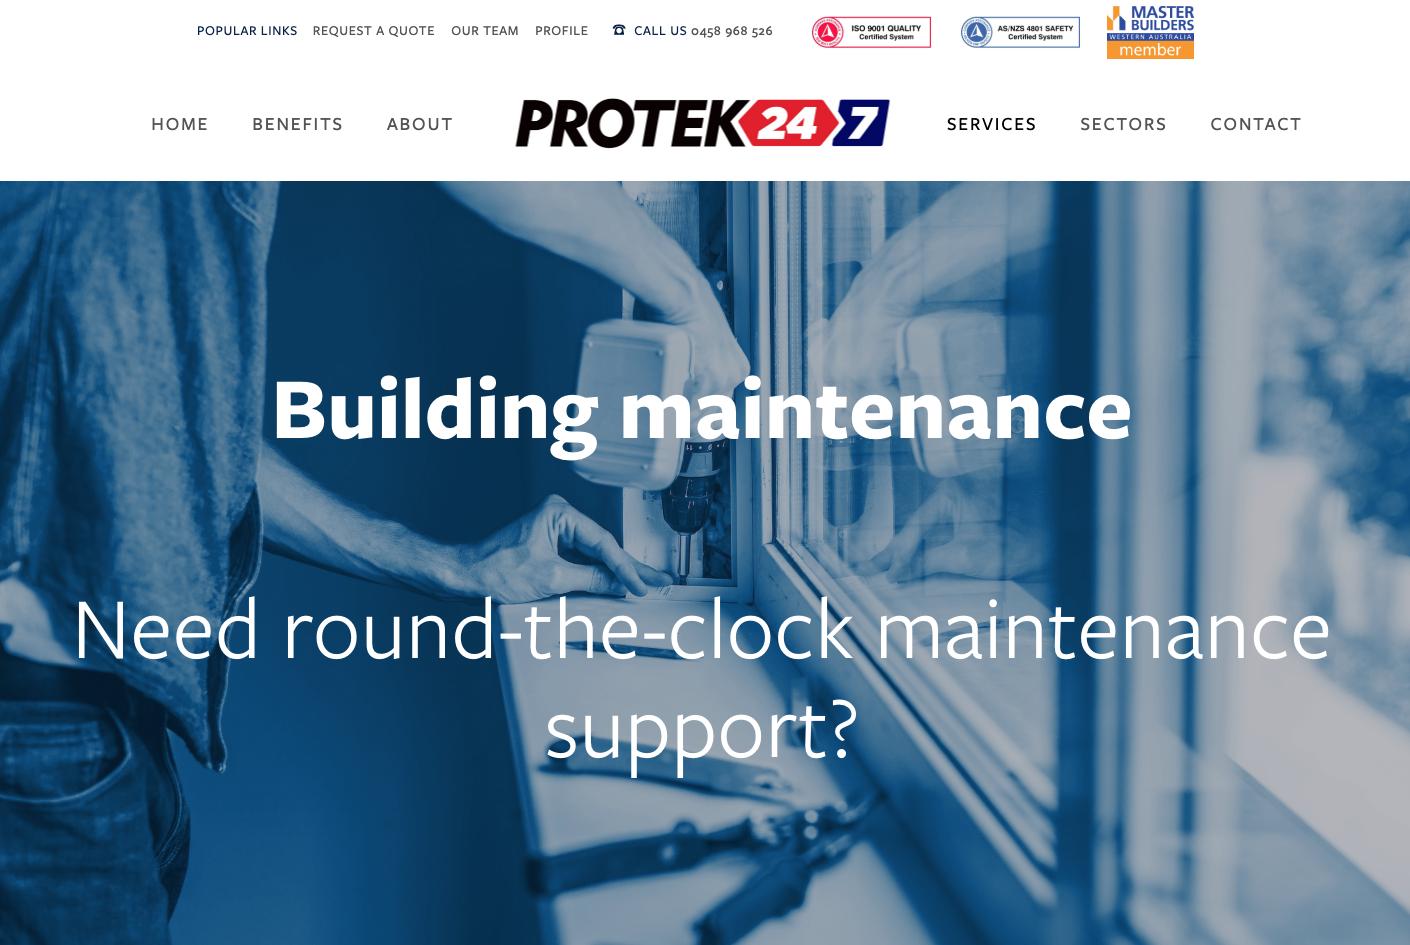 Protek 247 slide 1.png